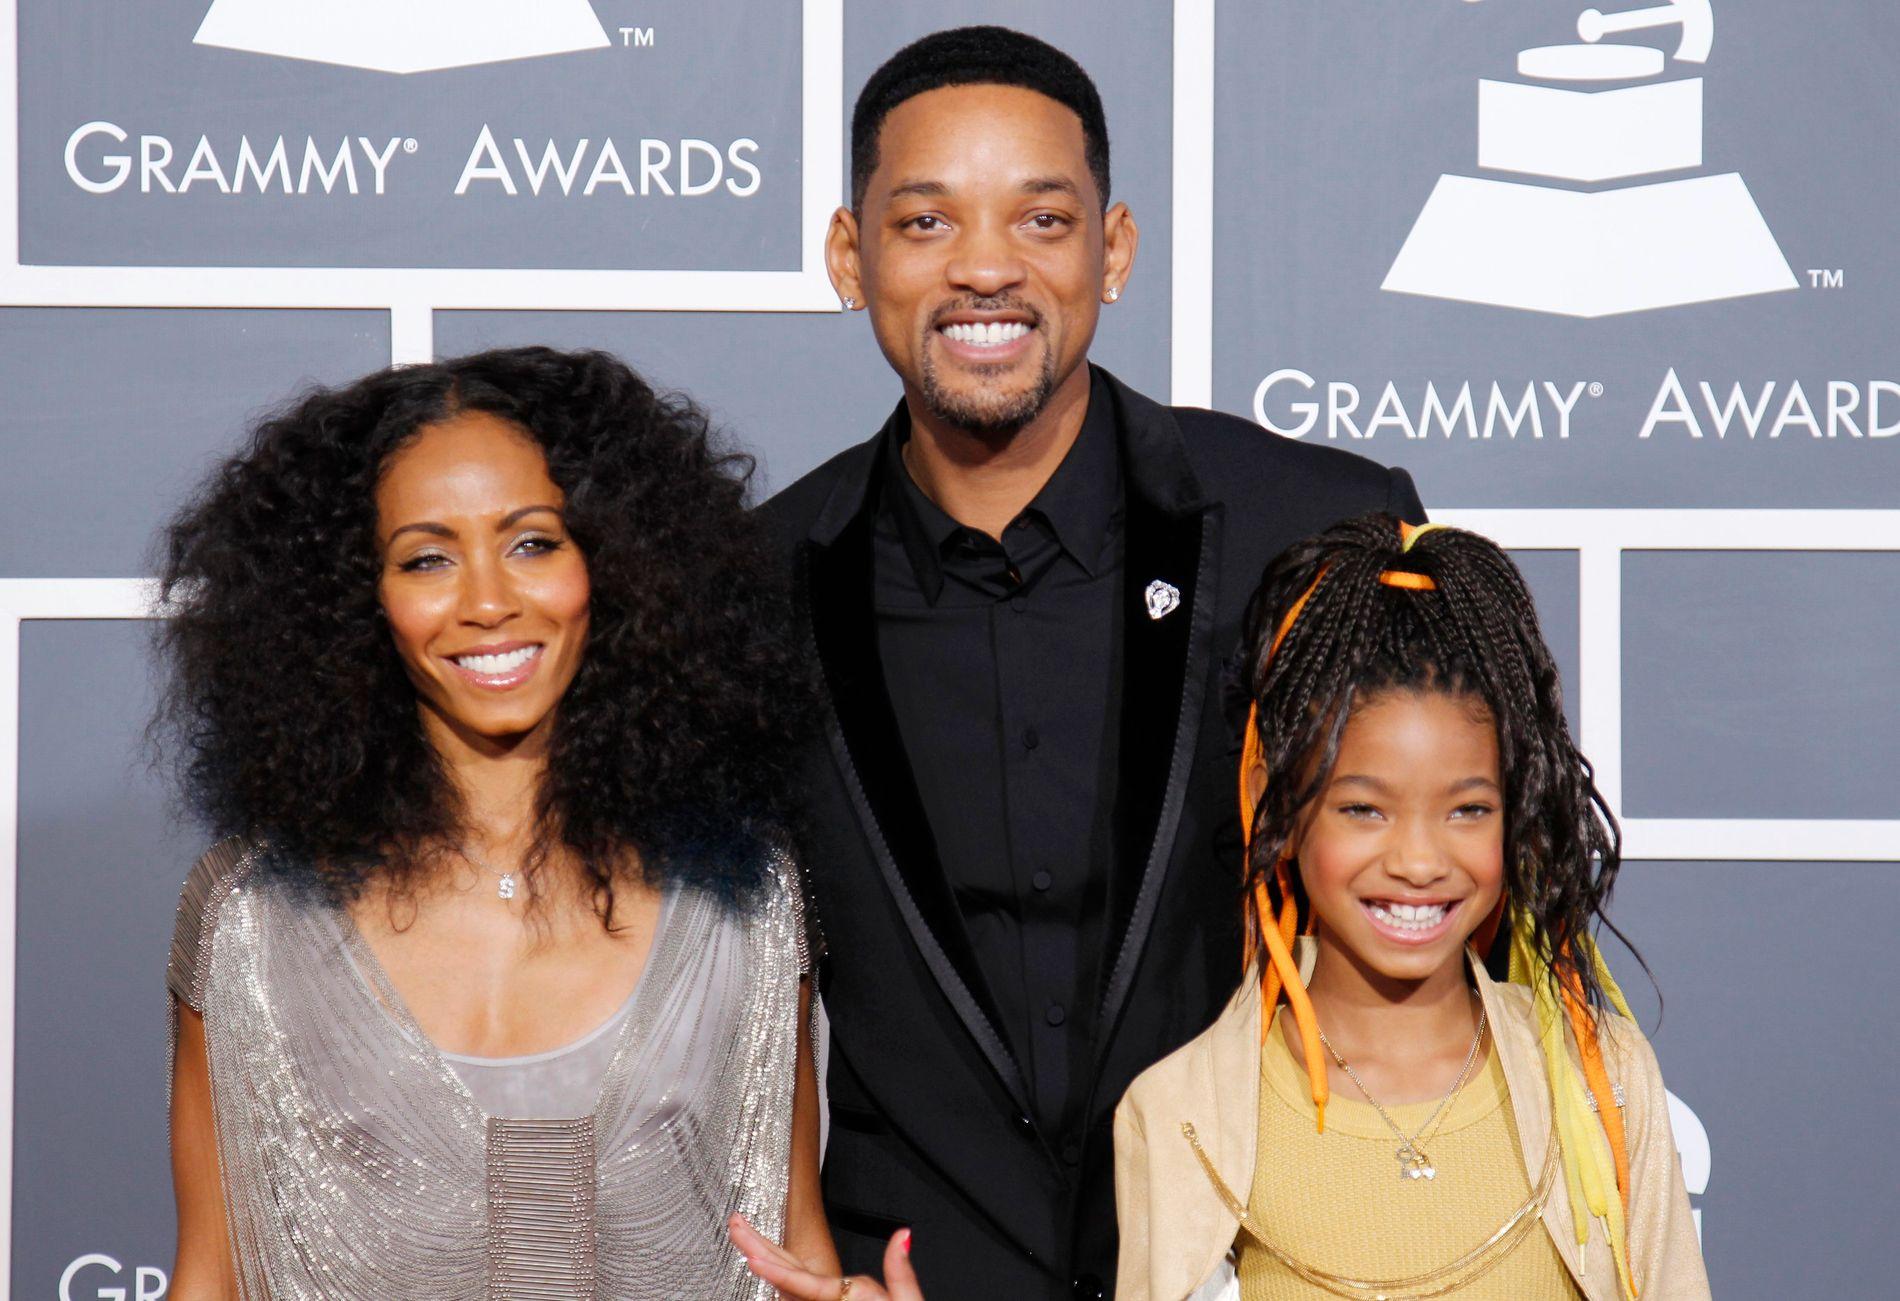 STJERNESTØTTE: Jada Pinkett Smith og Will Smith har vært gift siden 1997. Nå vil Jada satse på bergensselskapet Bipper. Det var datteren Willow som gjorde henne oppmerksom på appen bSafe.